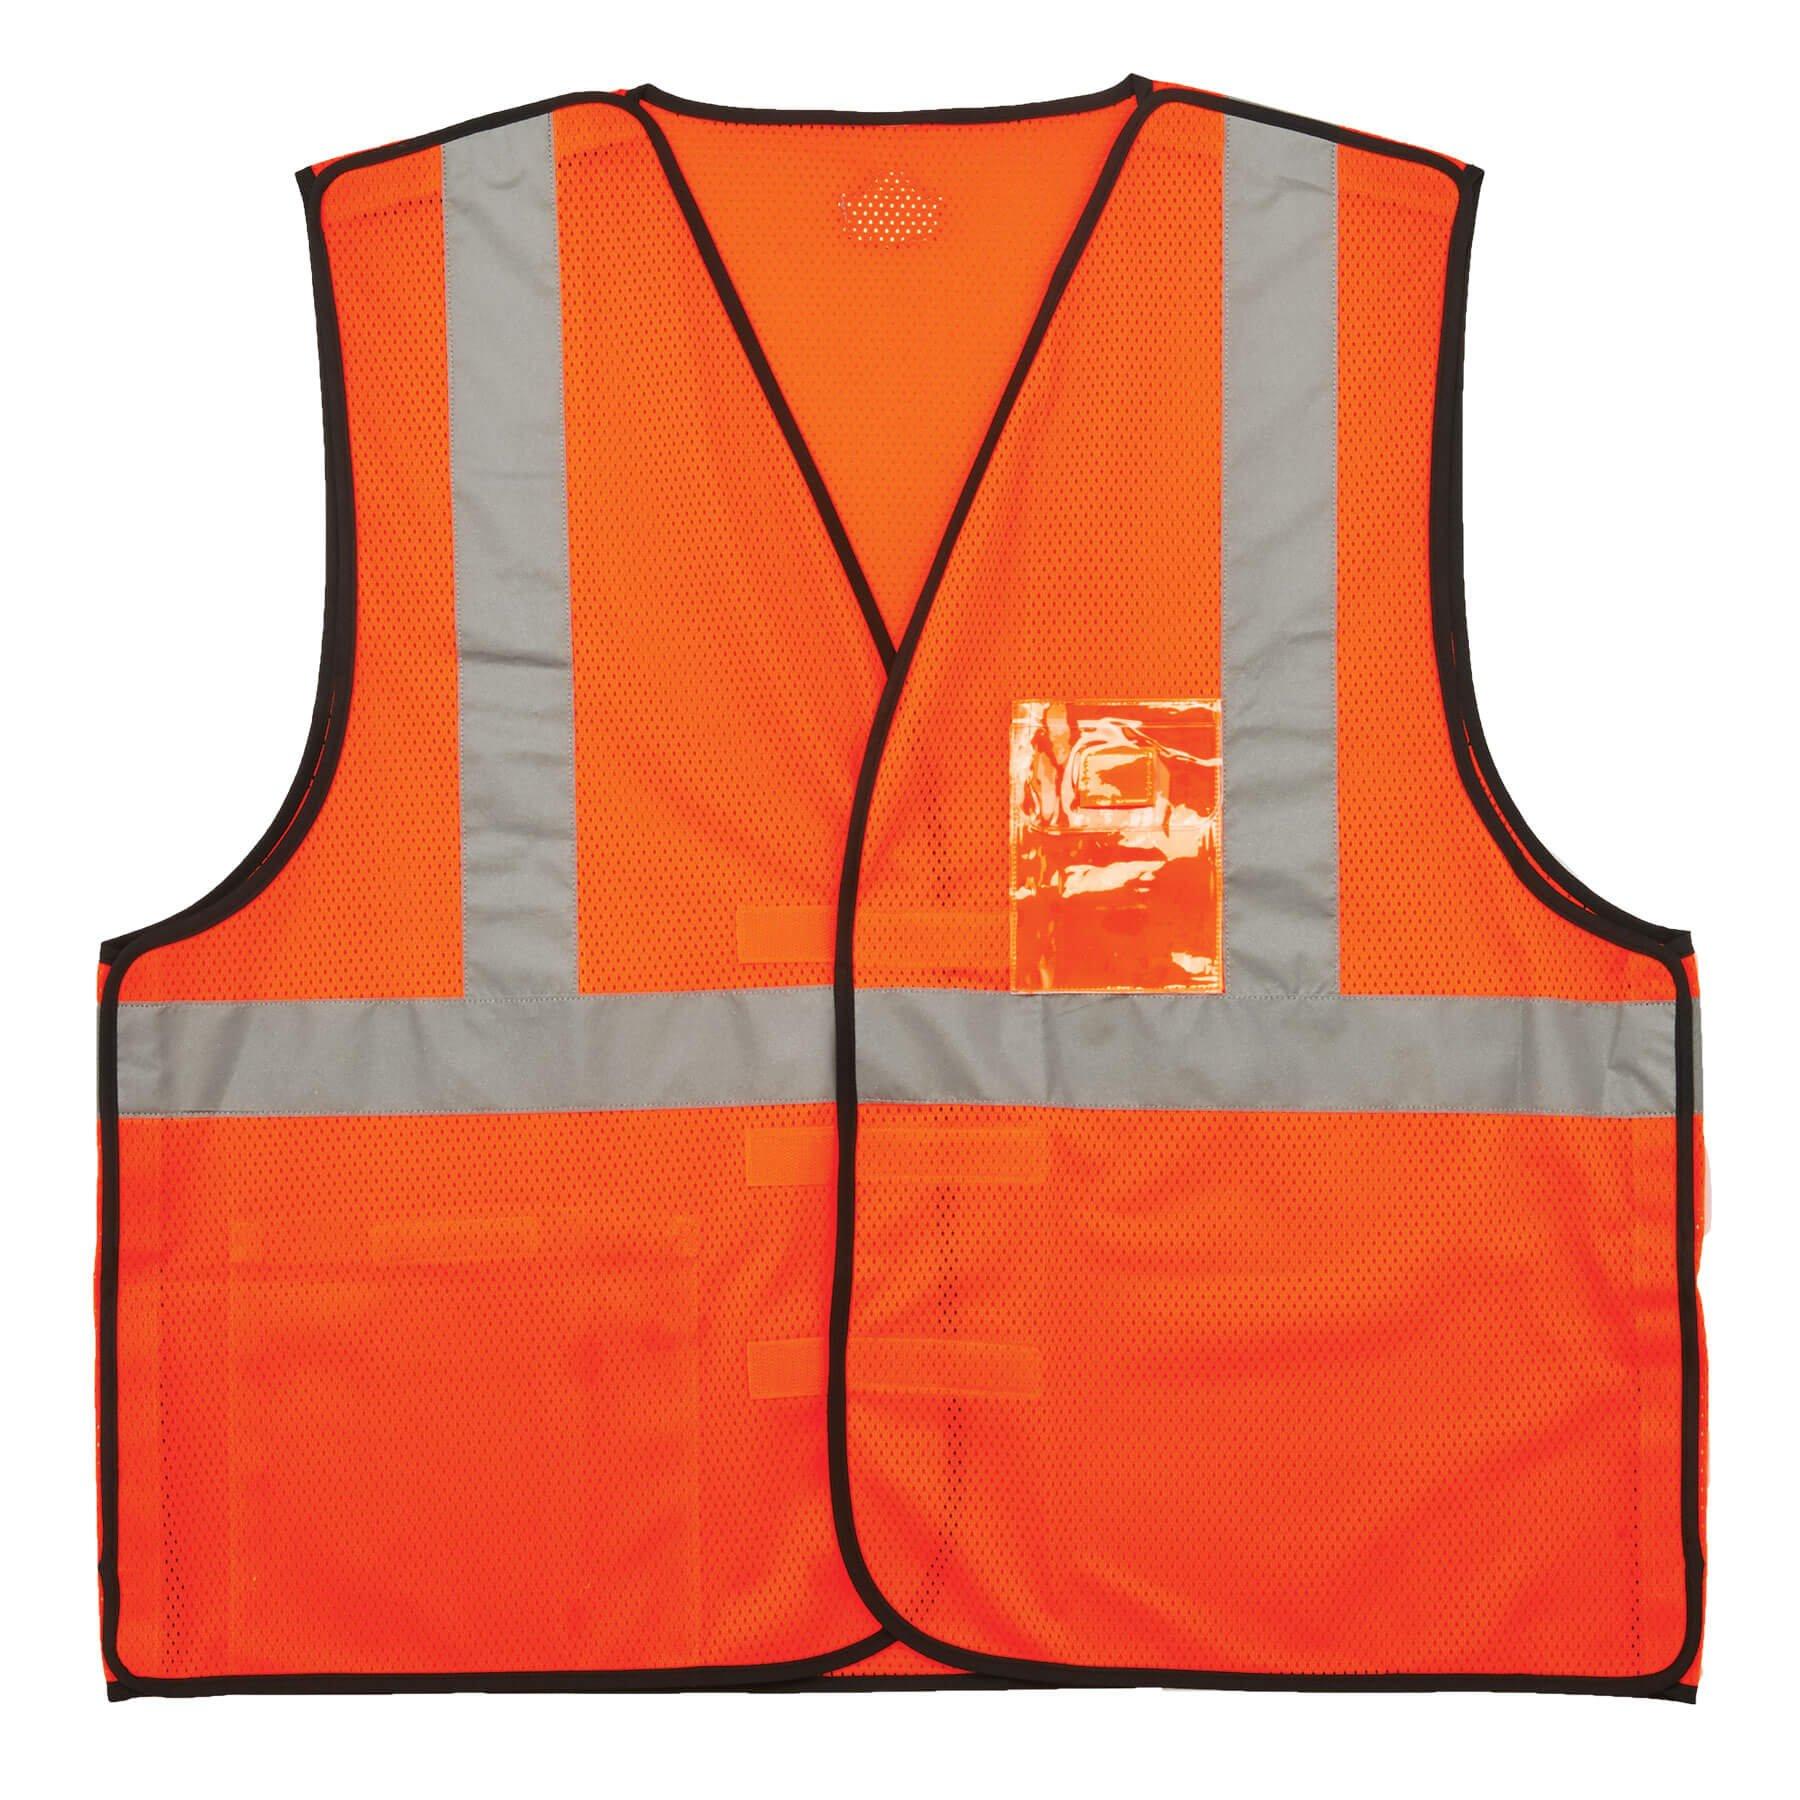 Ergodyne GloWear 8216BA ANSI High Visibility Breakaway Reflective Safety Vest with ID Badge Holder, Orange, Large/X-Large